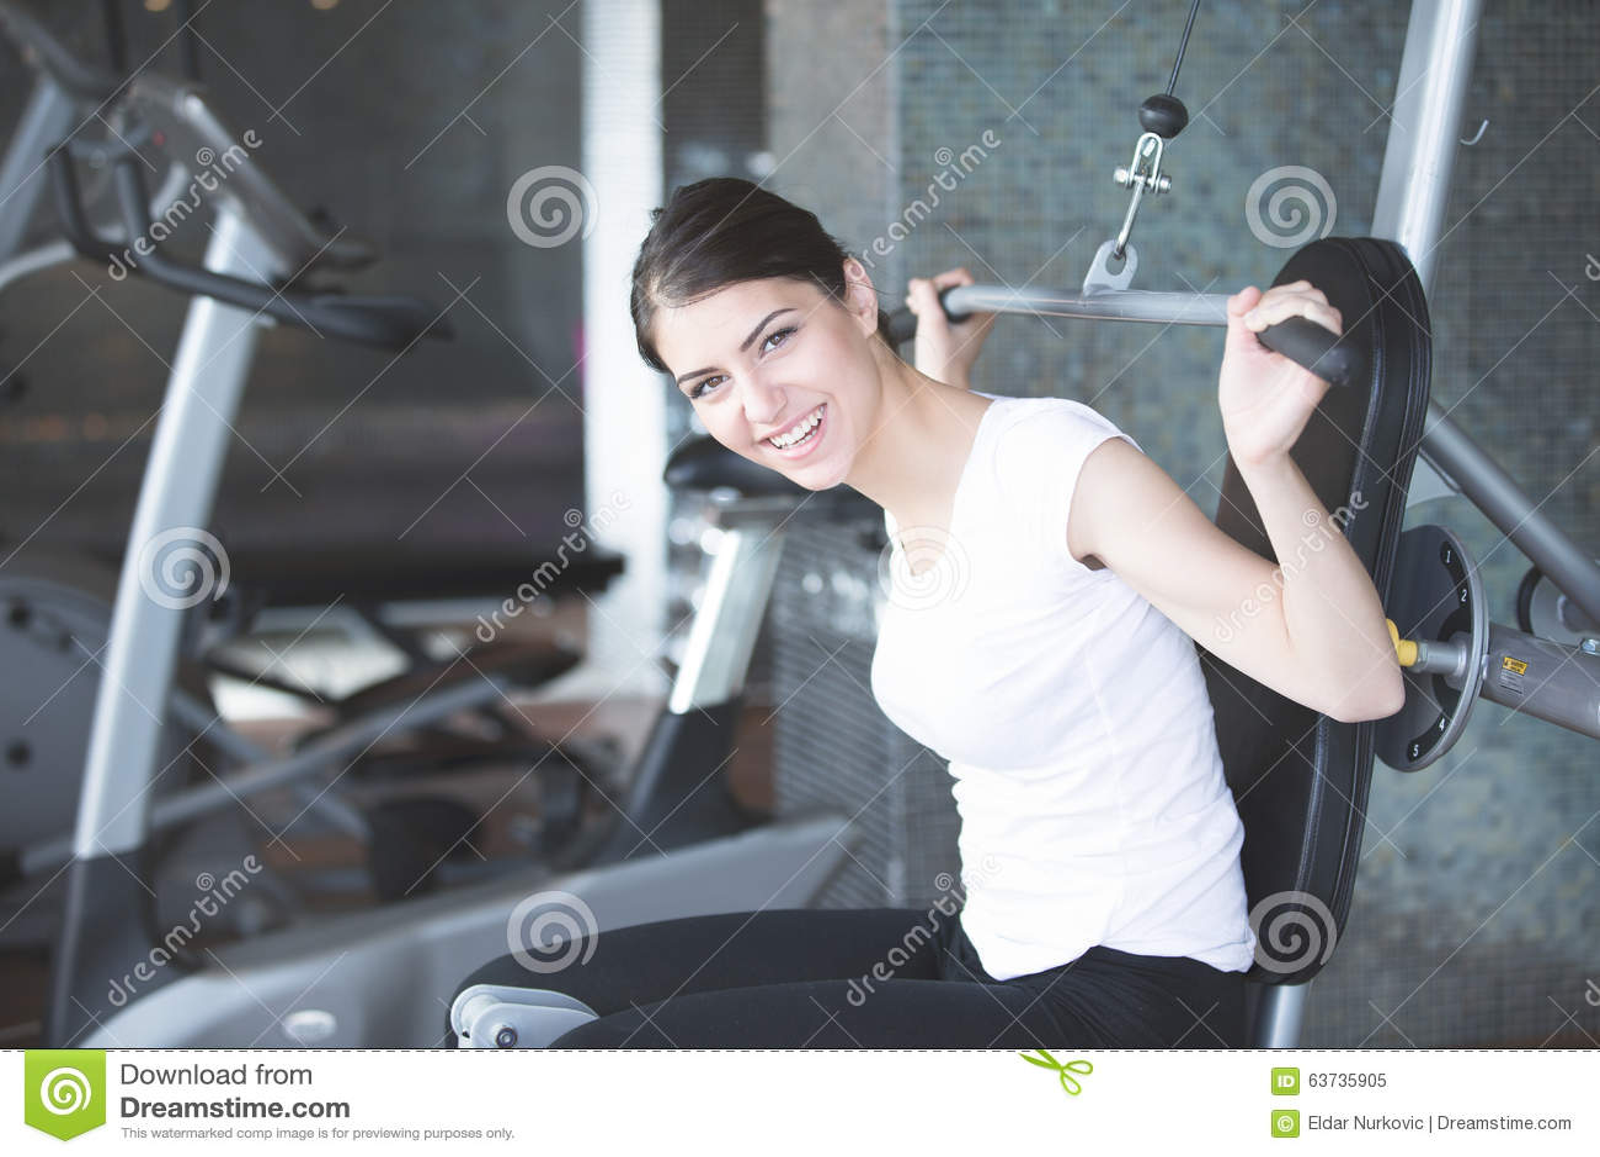 женщина веса тренировки гимнастики Работать дальше вытягивает вниз машину веса Делать женщины тяг-поднимает работать поднимаясь г